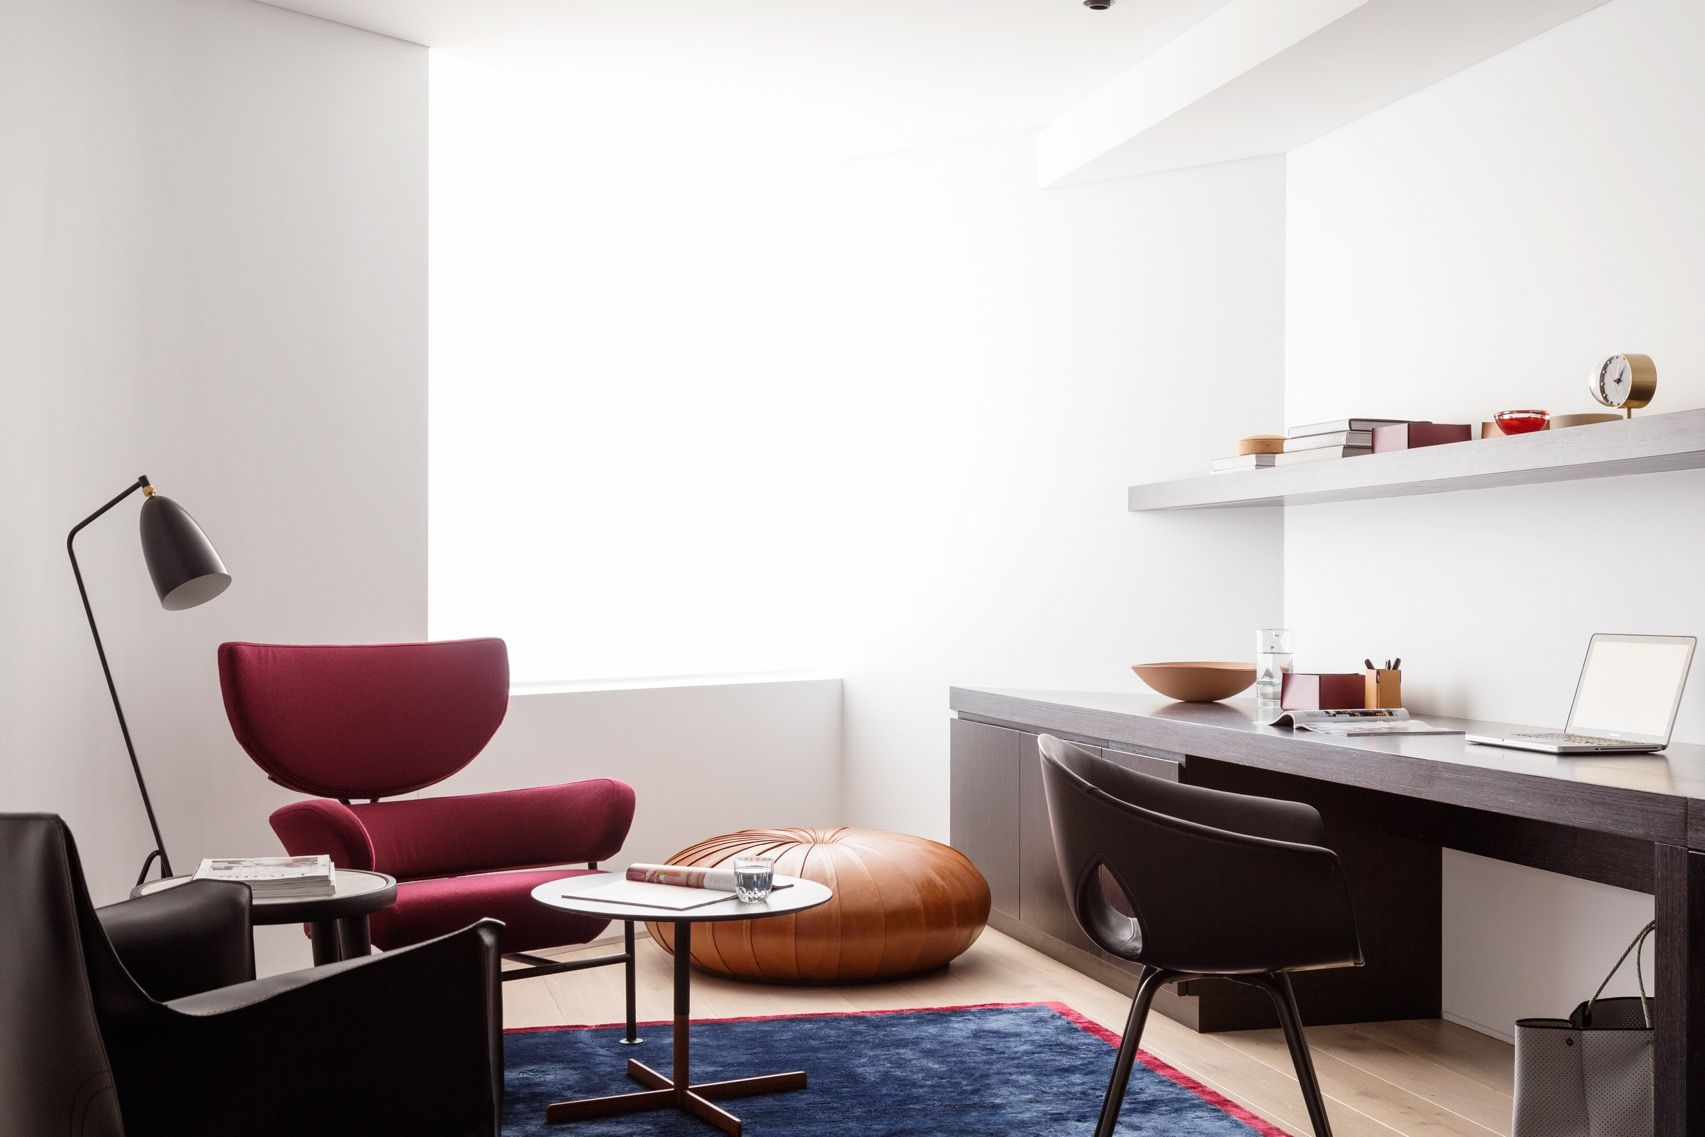 Tamarama House Furnishing Design Portfolio - Decus Interiors | Perth ...